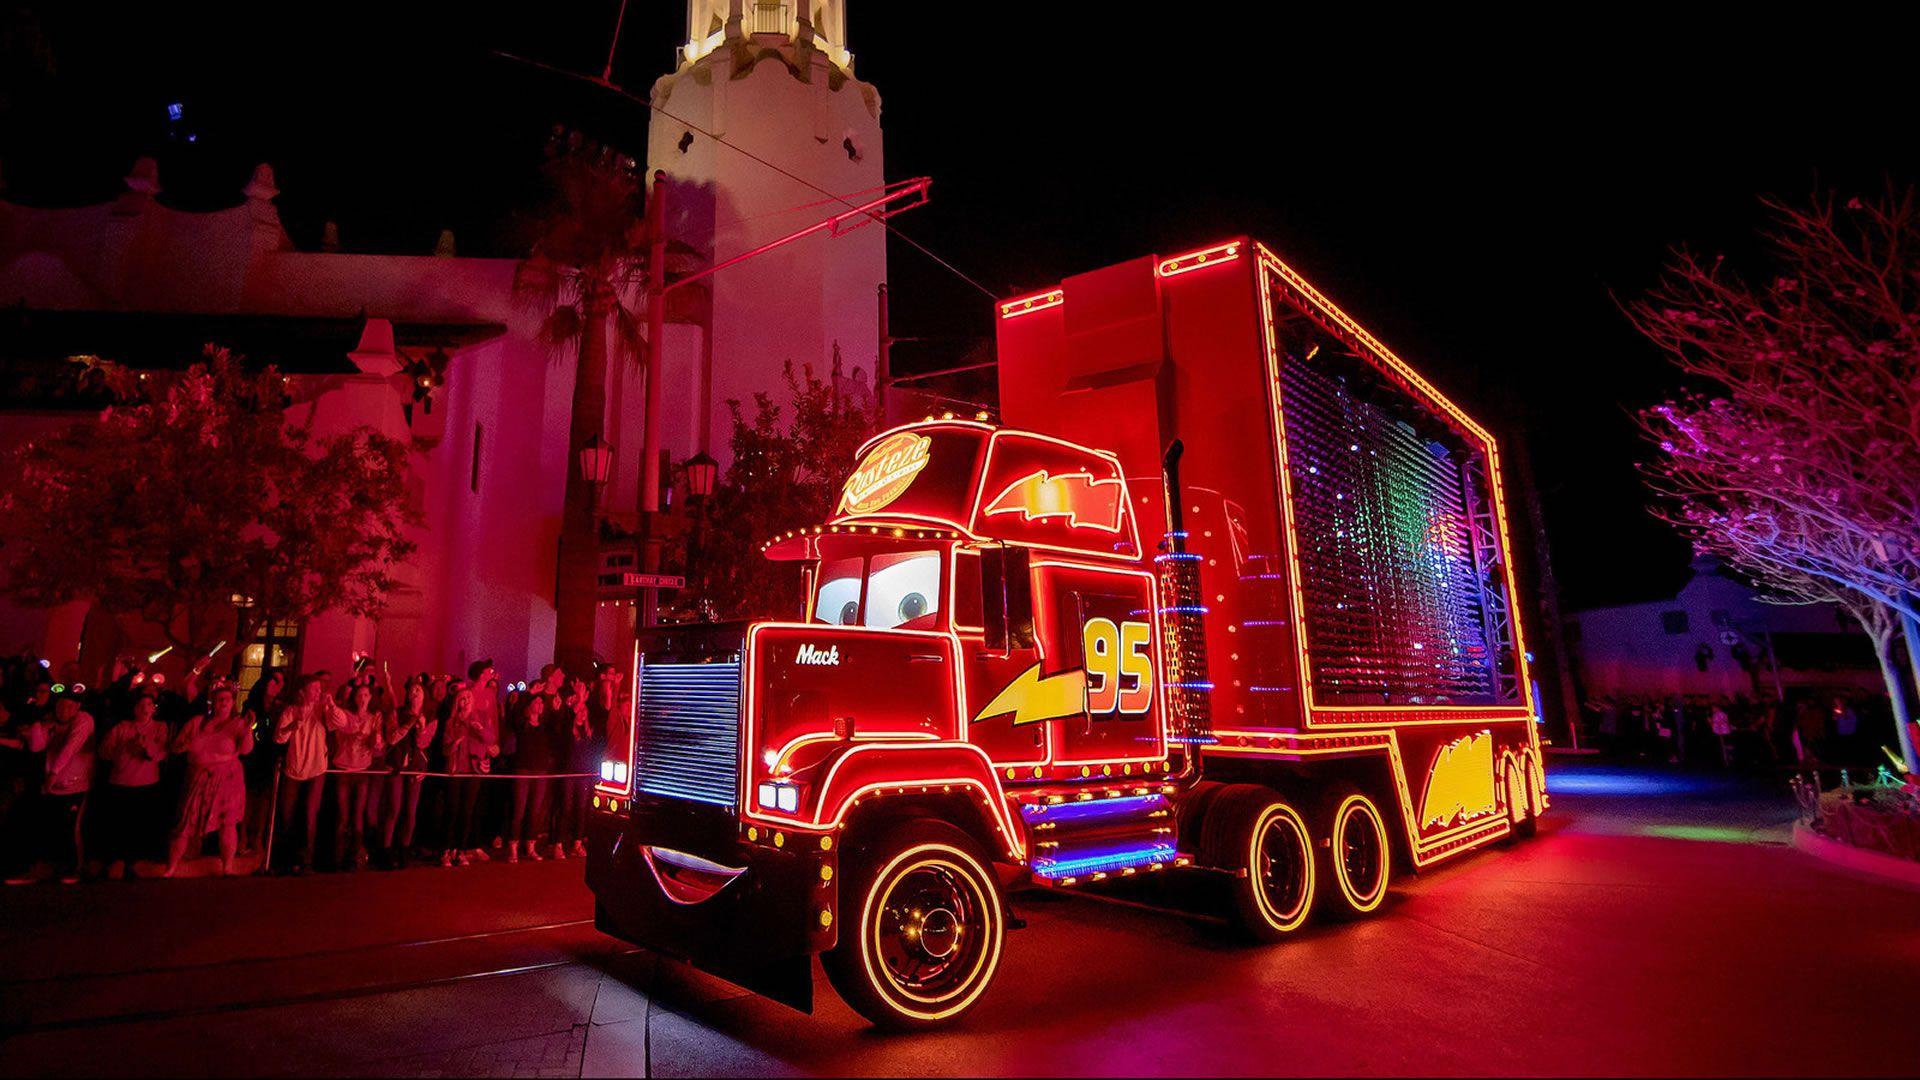 Comenzó Pixar Fest en Disneyland, la mayor celebración del estudio hasta la fecha